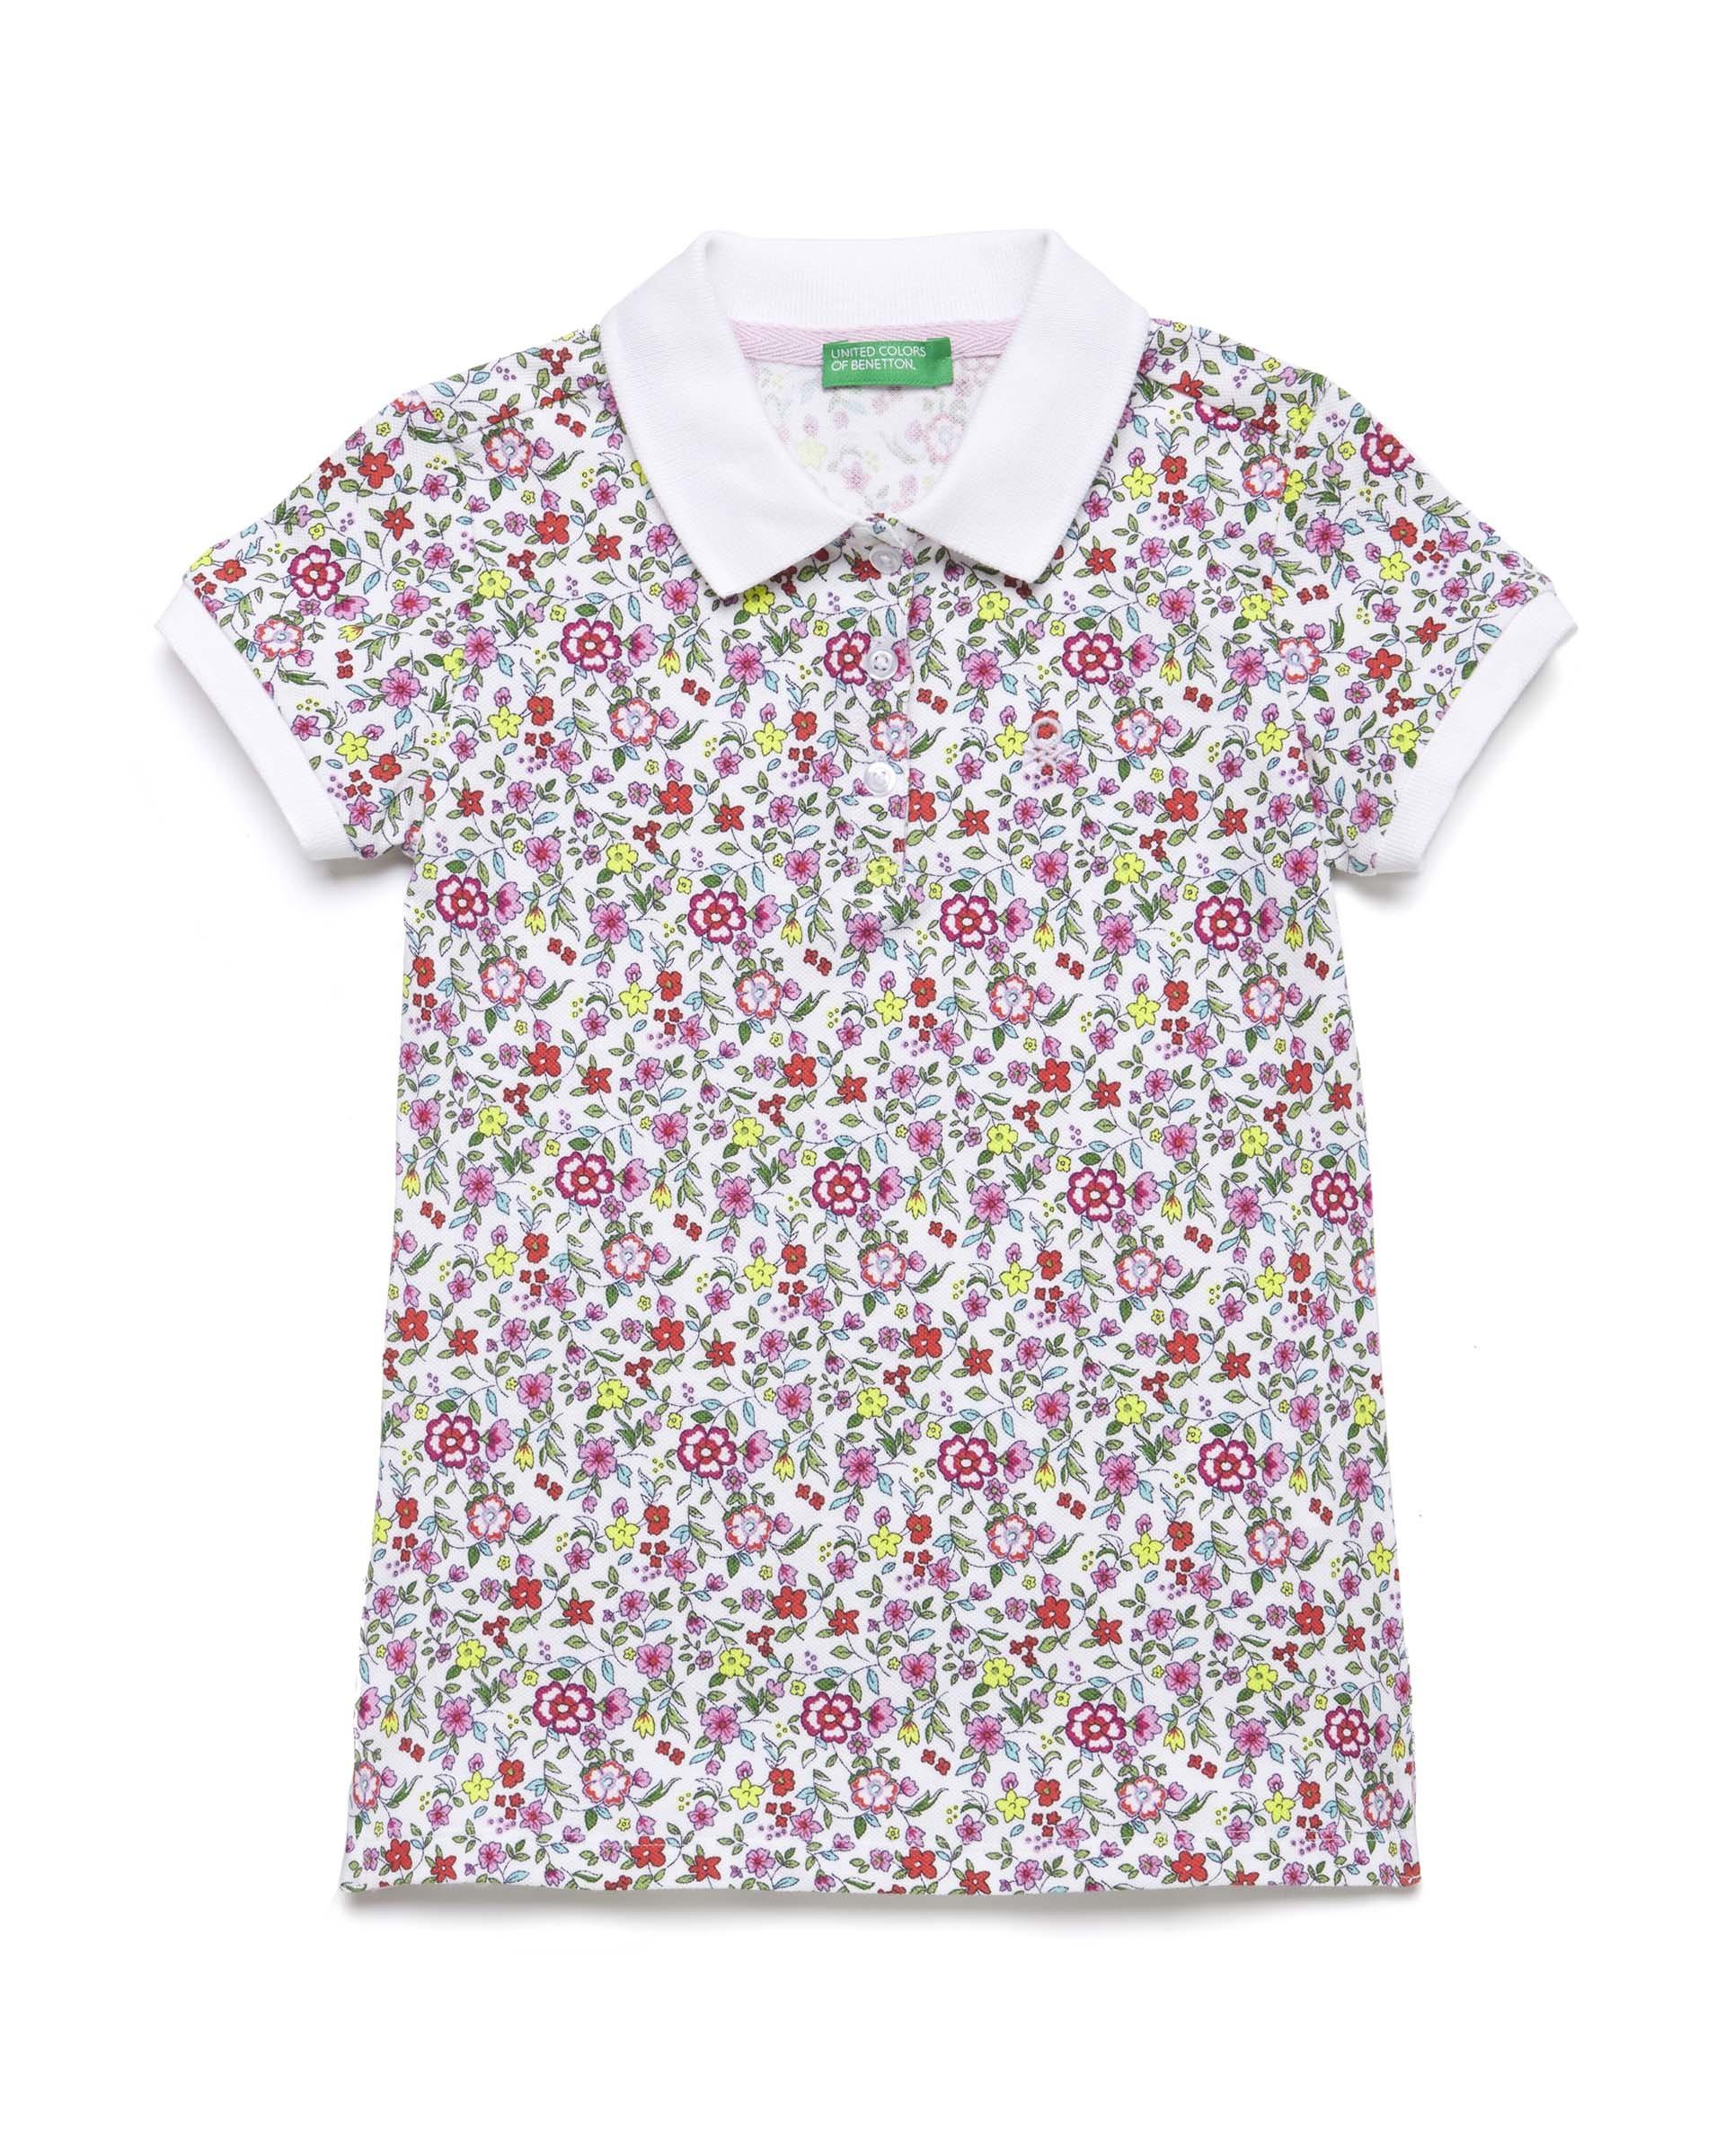 Купить 20P_3PK6C3126_69K, Поло-пике для девочек Benetton 3PK6C3126_69K р-р 80, United Colors of Benetton, Кофточки, футболки для новорожденных